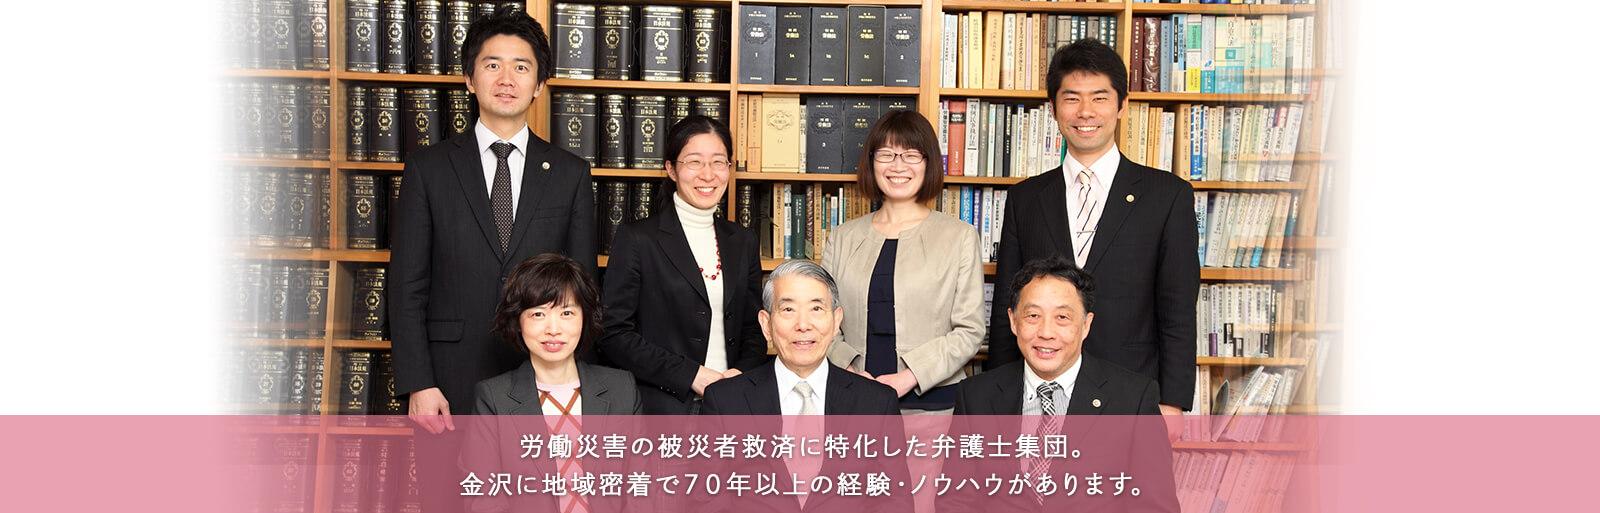 労働災害の被害者救済に特化した弁護士集団。金沢に地域密着で70年以上の経験・ノウハウが自慢です。